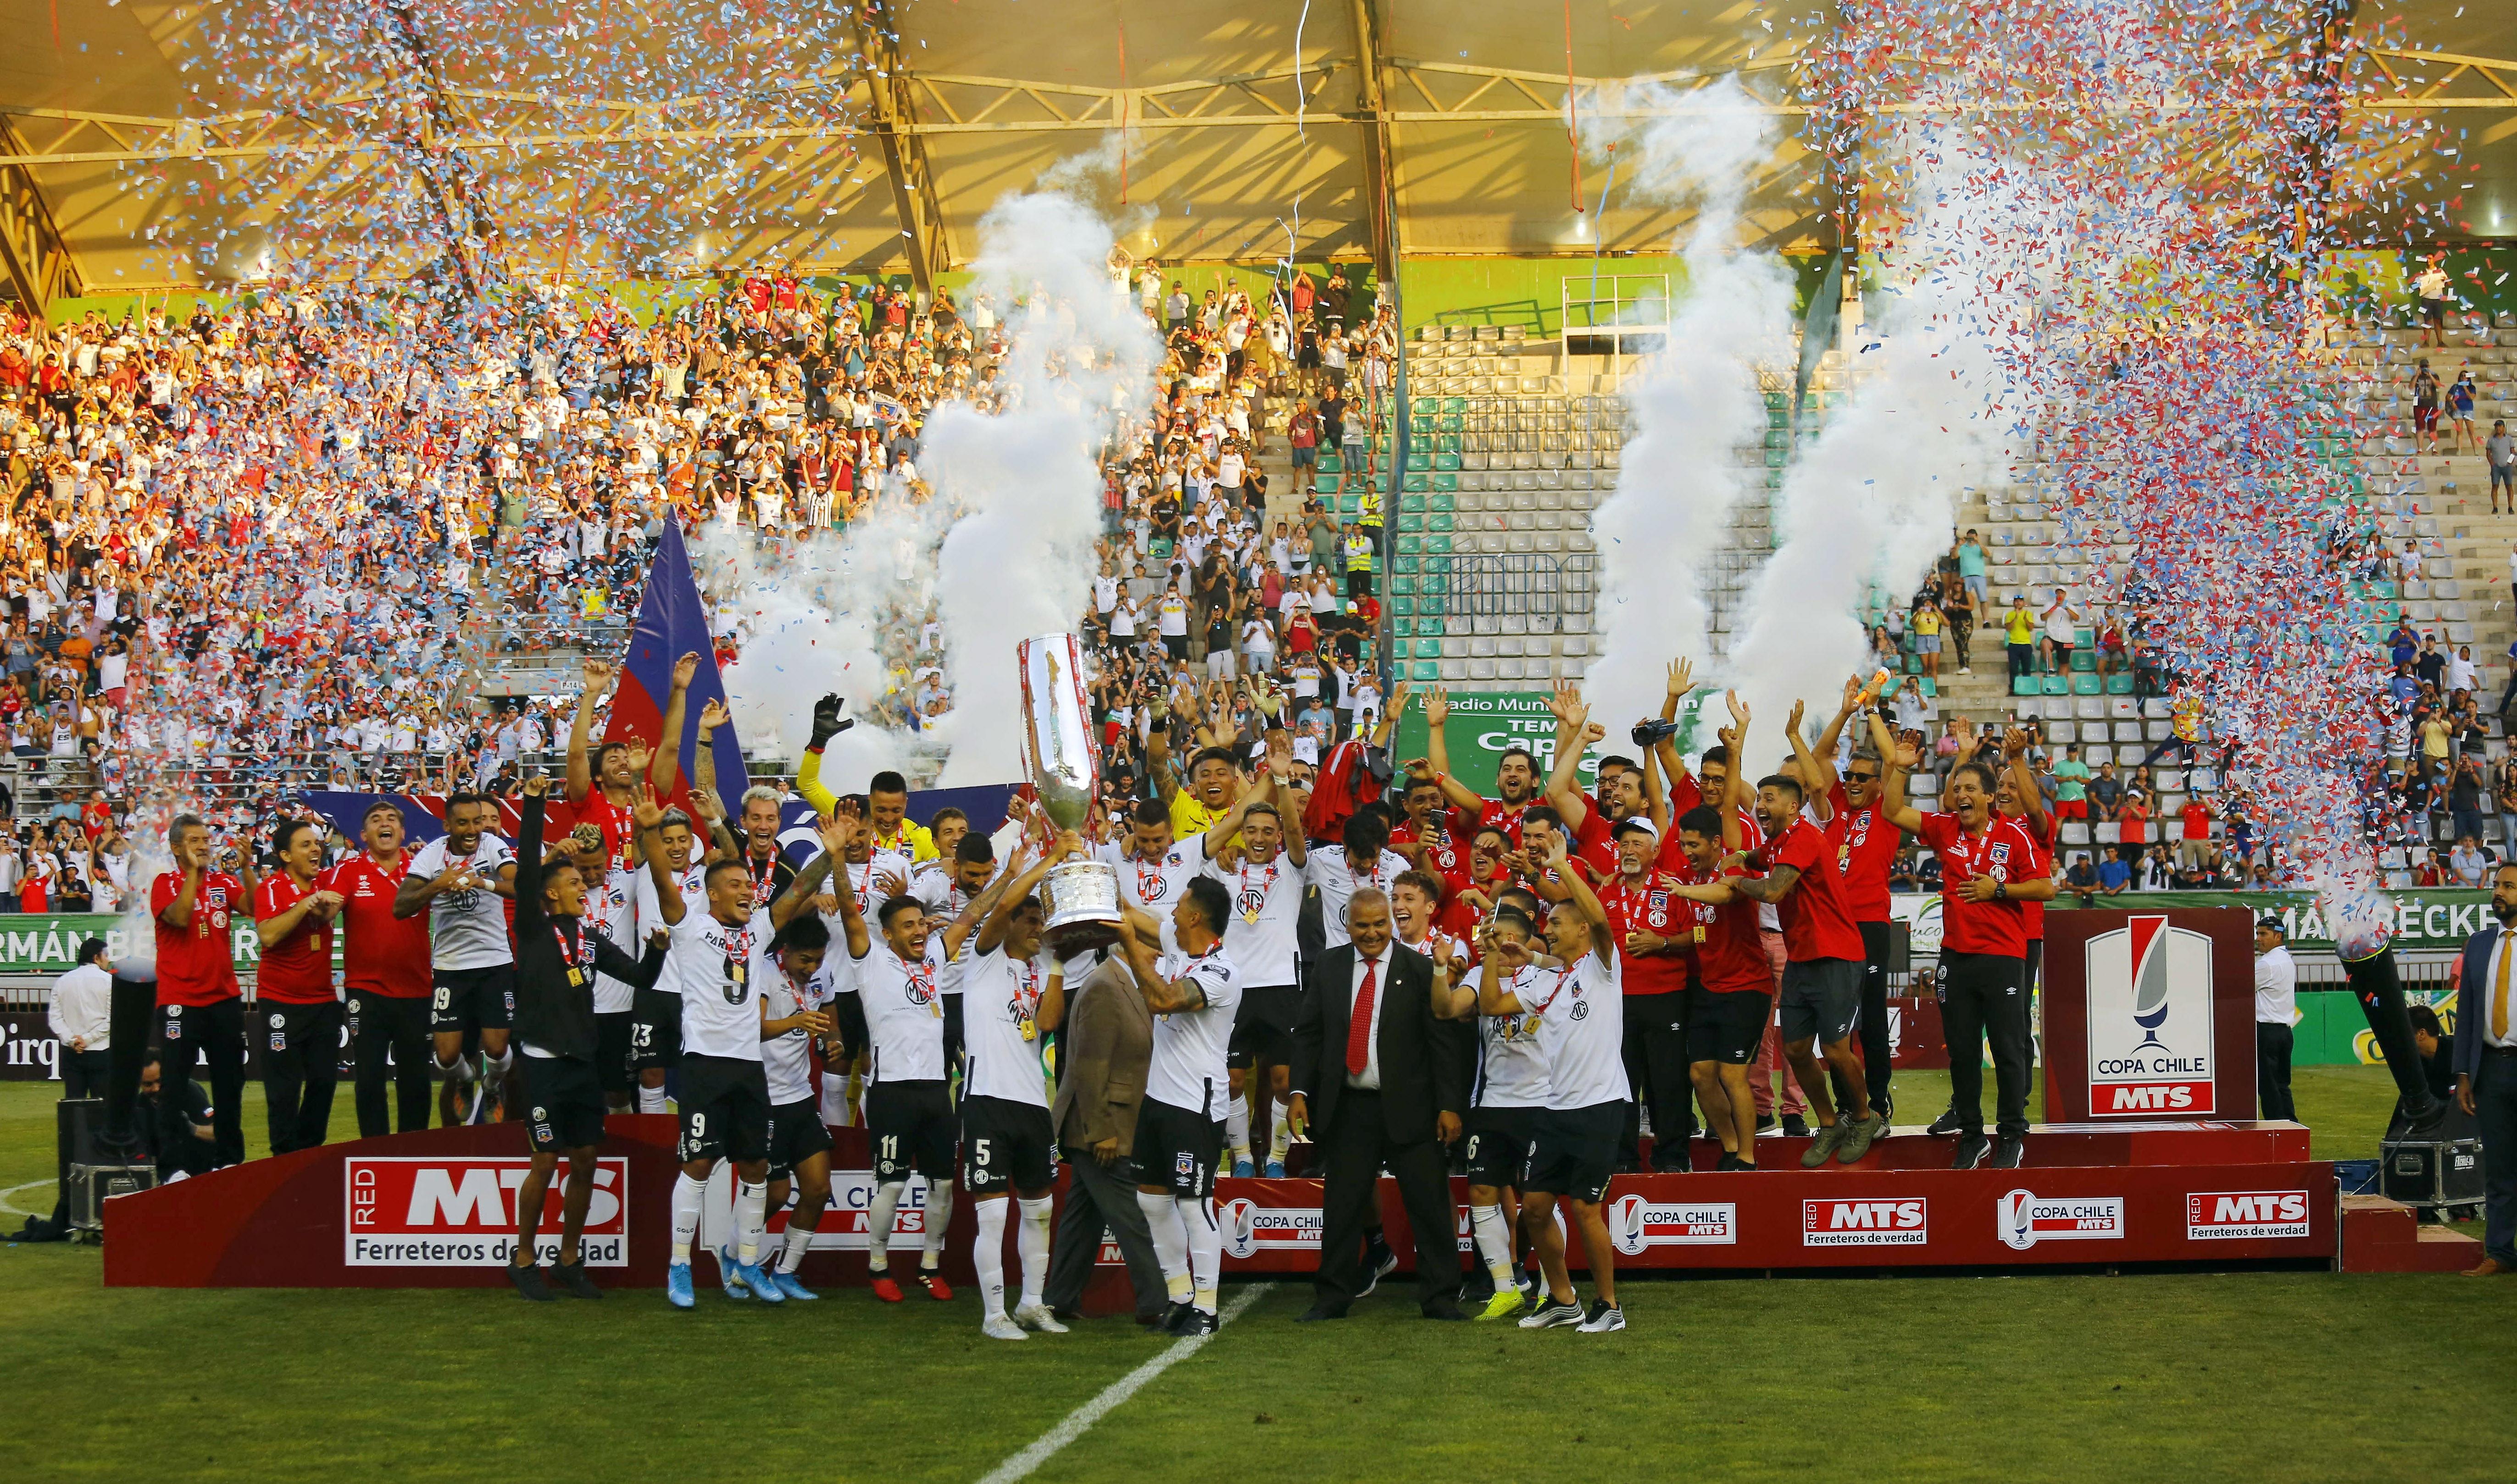 Imágenes del vibrante título albo en la Copa Chile